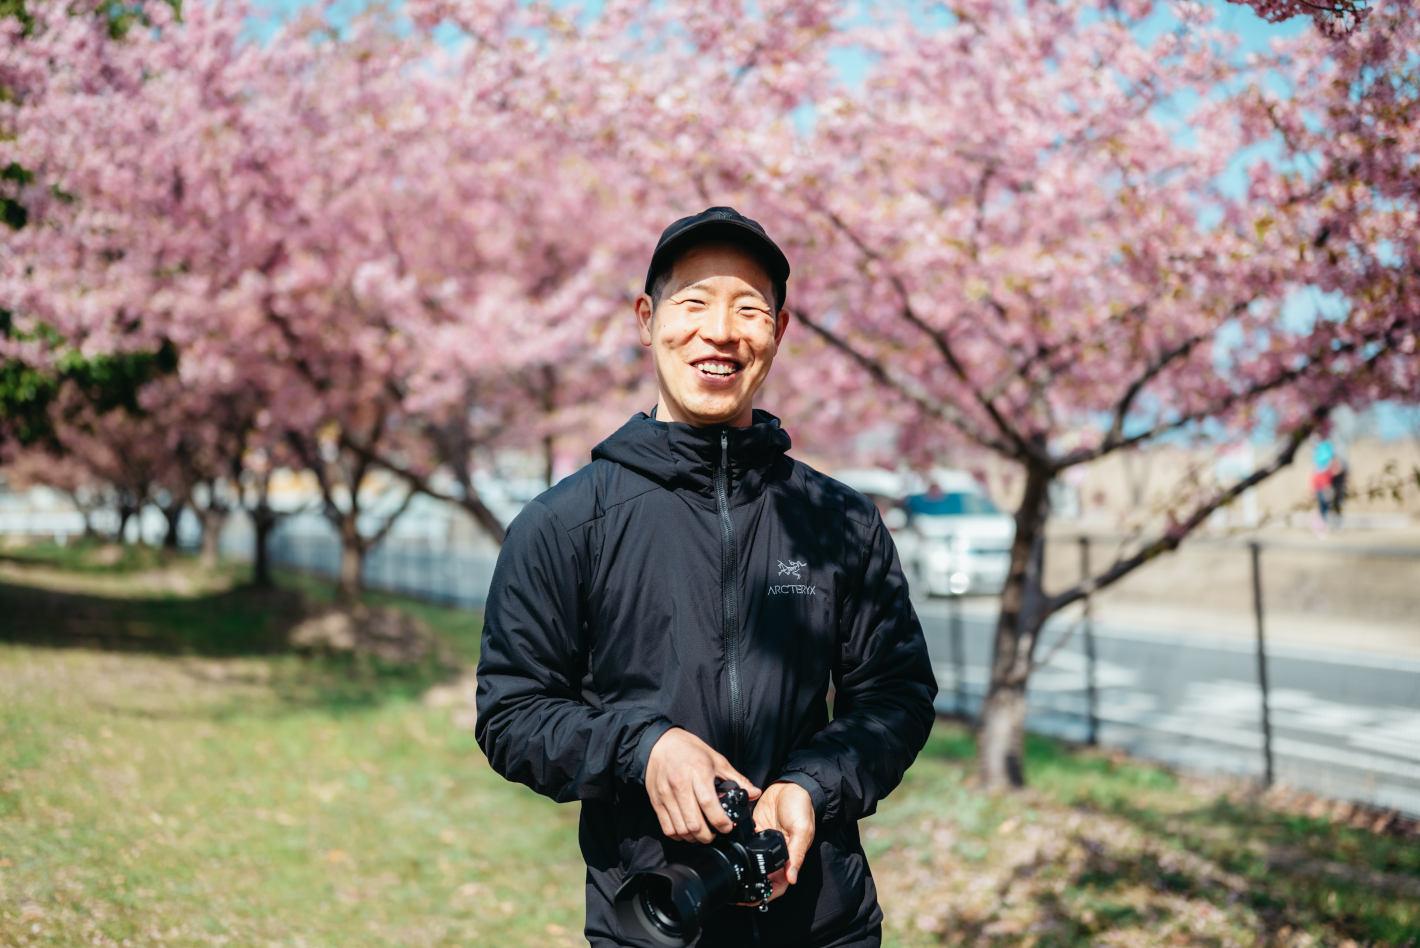 仲間が気づかせてくれた自分の好きと写真の楽しさ – 風景と人が織り成す情景を描く写真家MASAKIさんインタビュー仲間